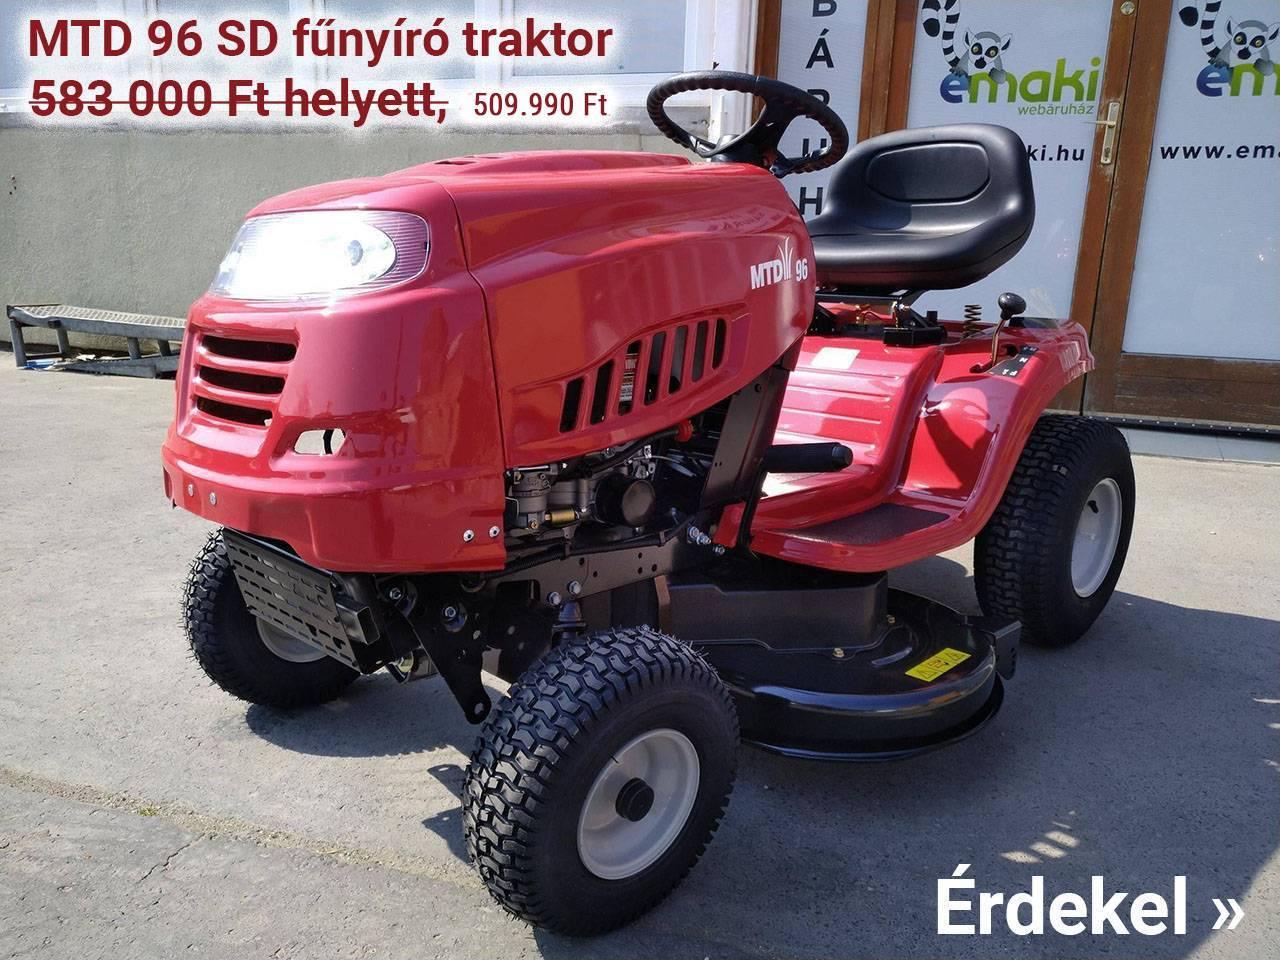 MTD 96 SD